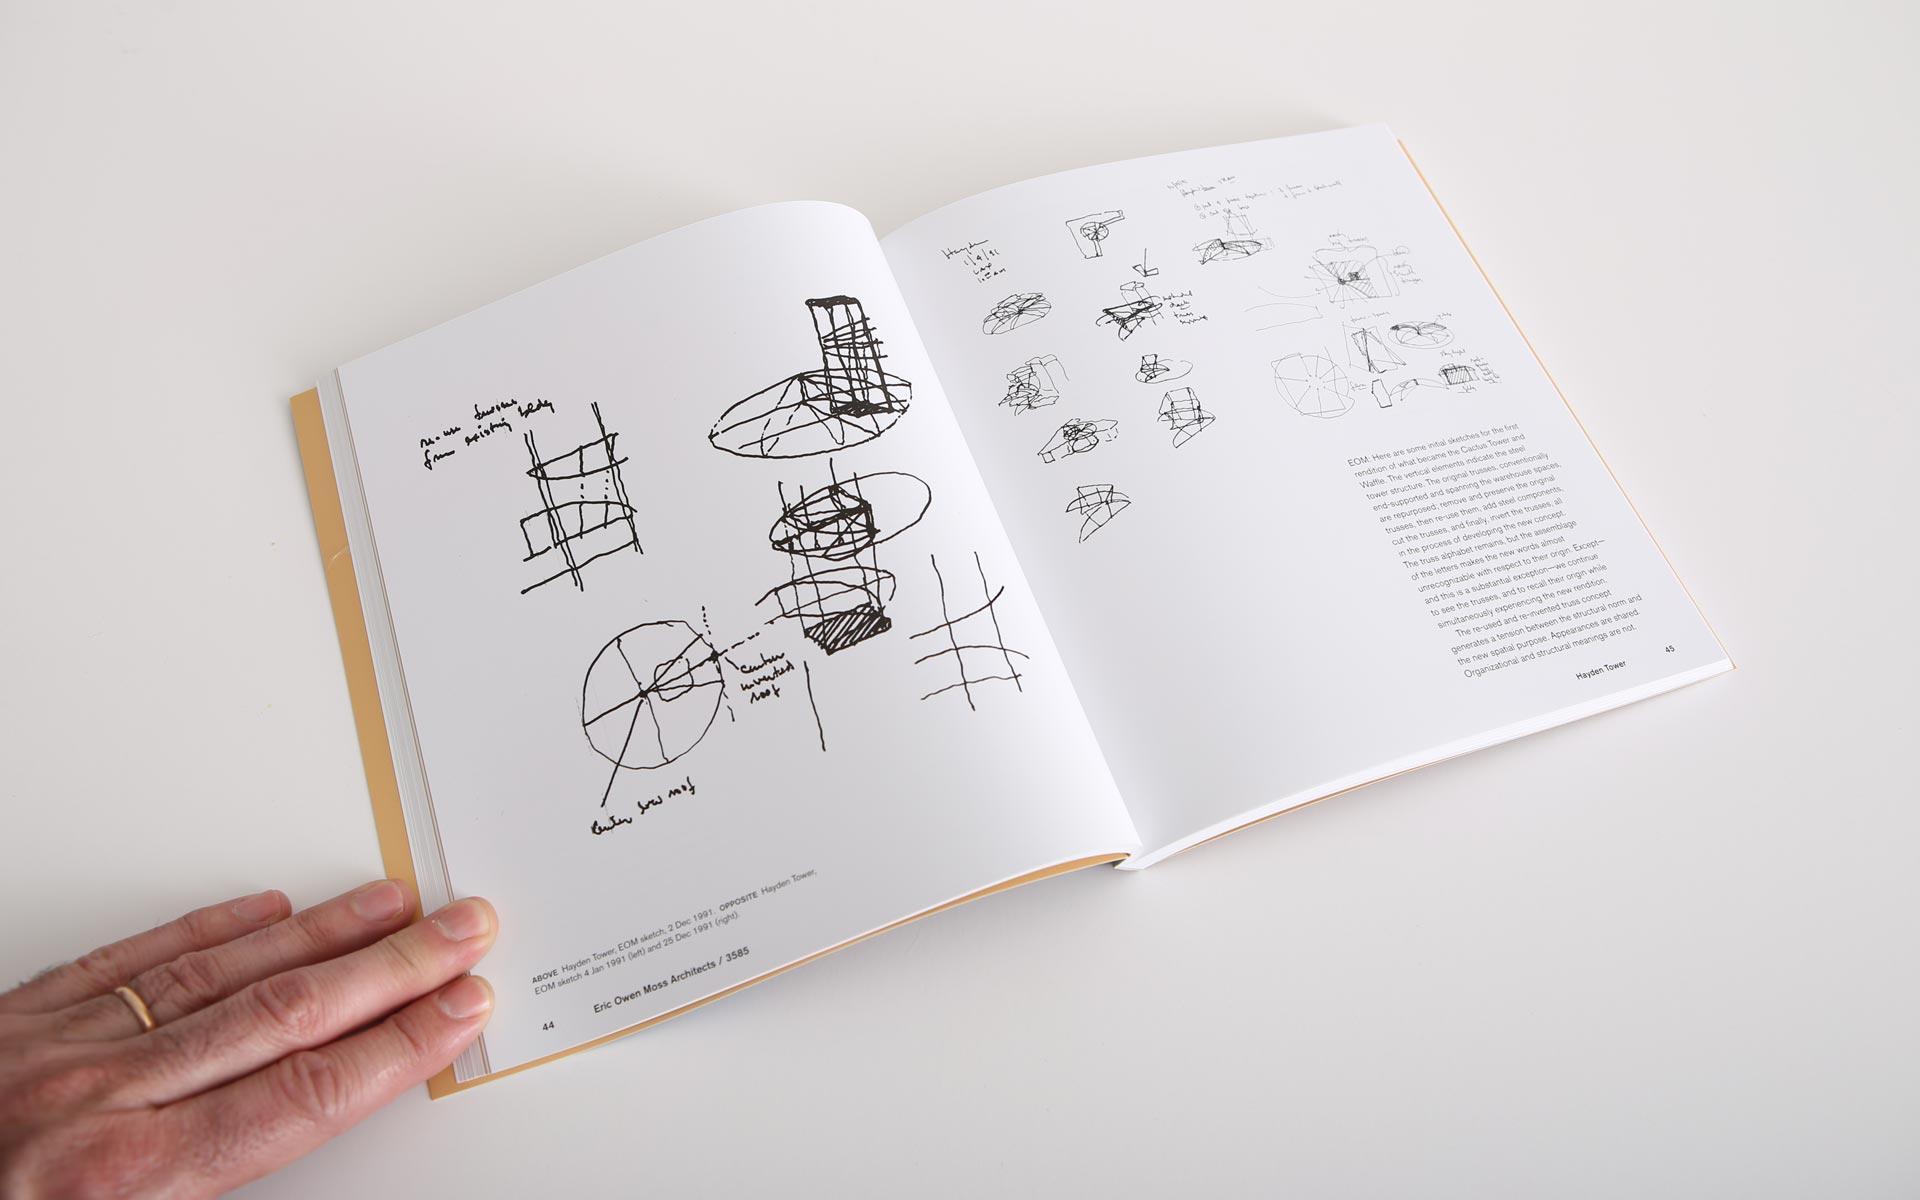 eric-owen-moss-architects-book-design-5